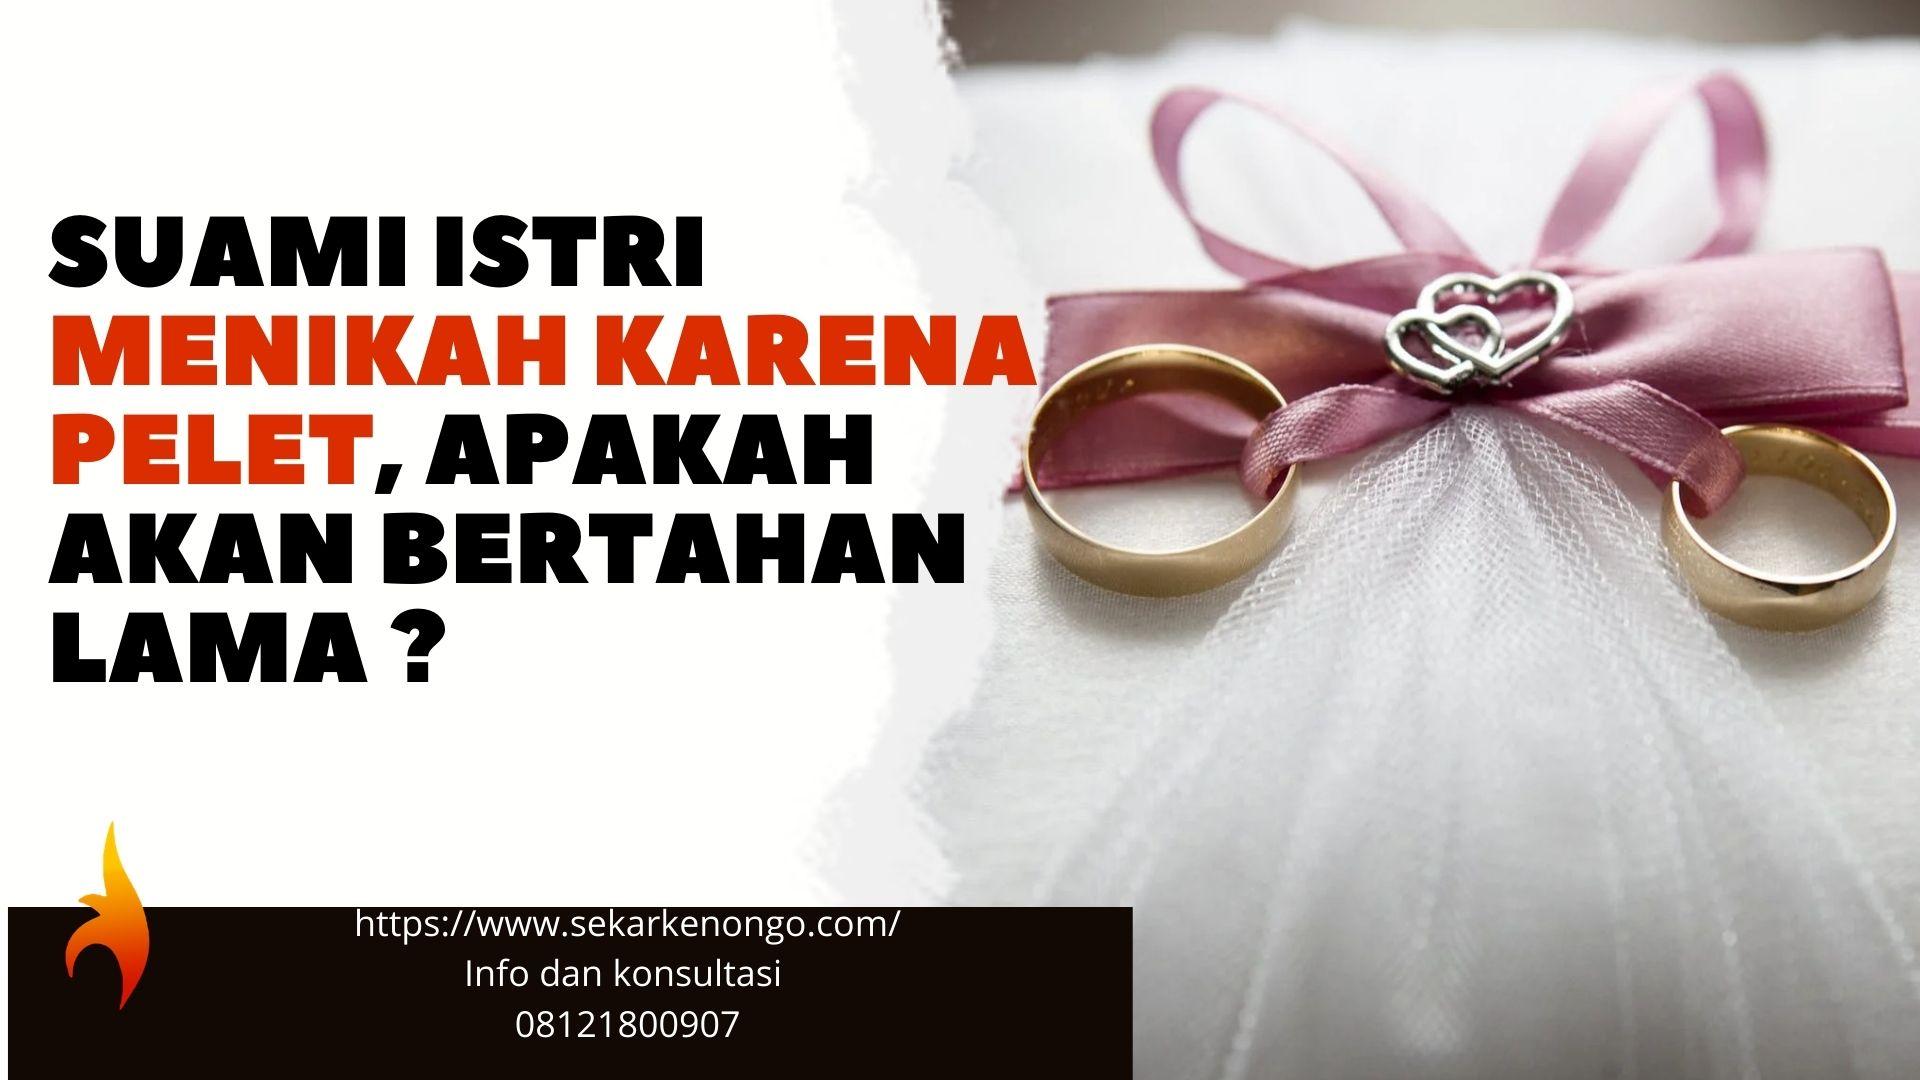 menikah karena pelet